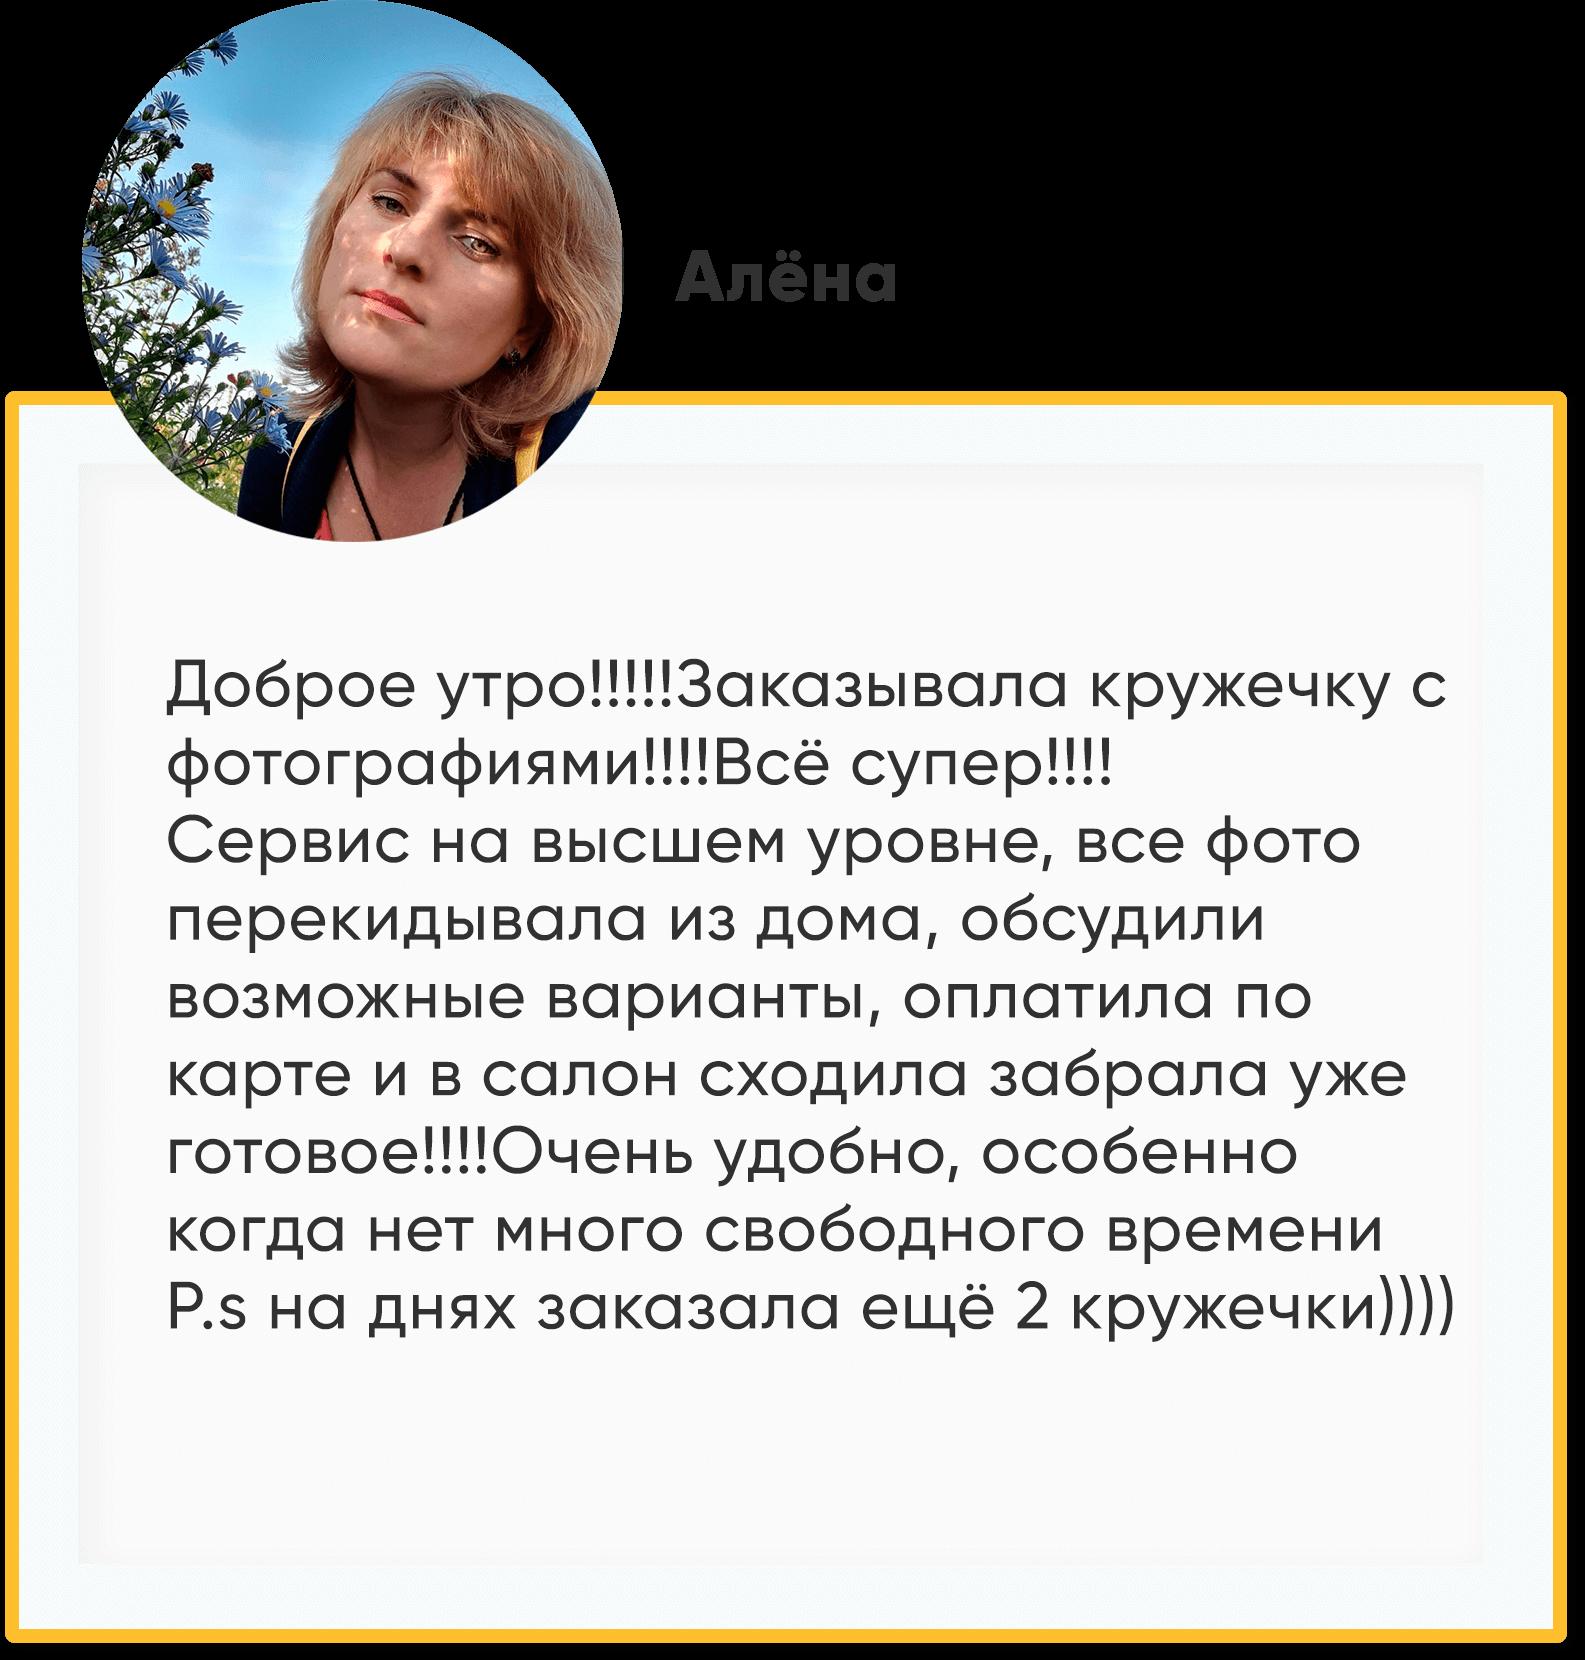 Kartochka_otzyva 4